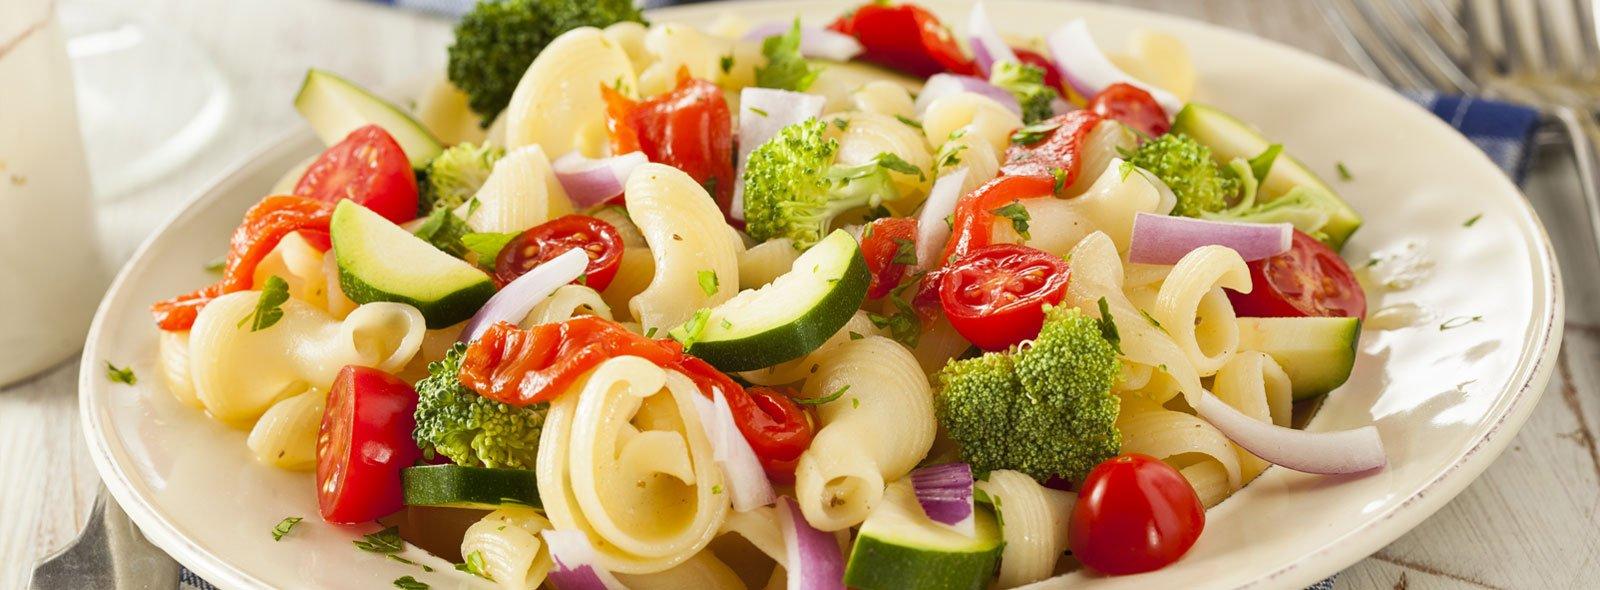 Un piatto con insalata di pasta con verdure